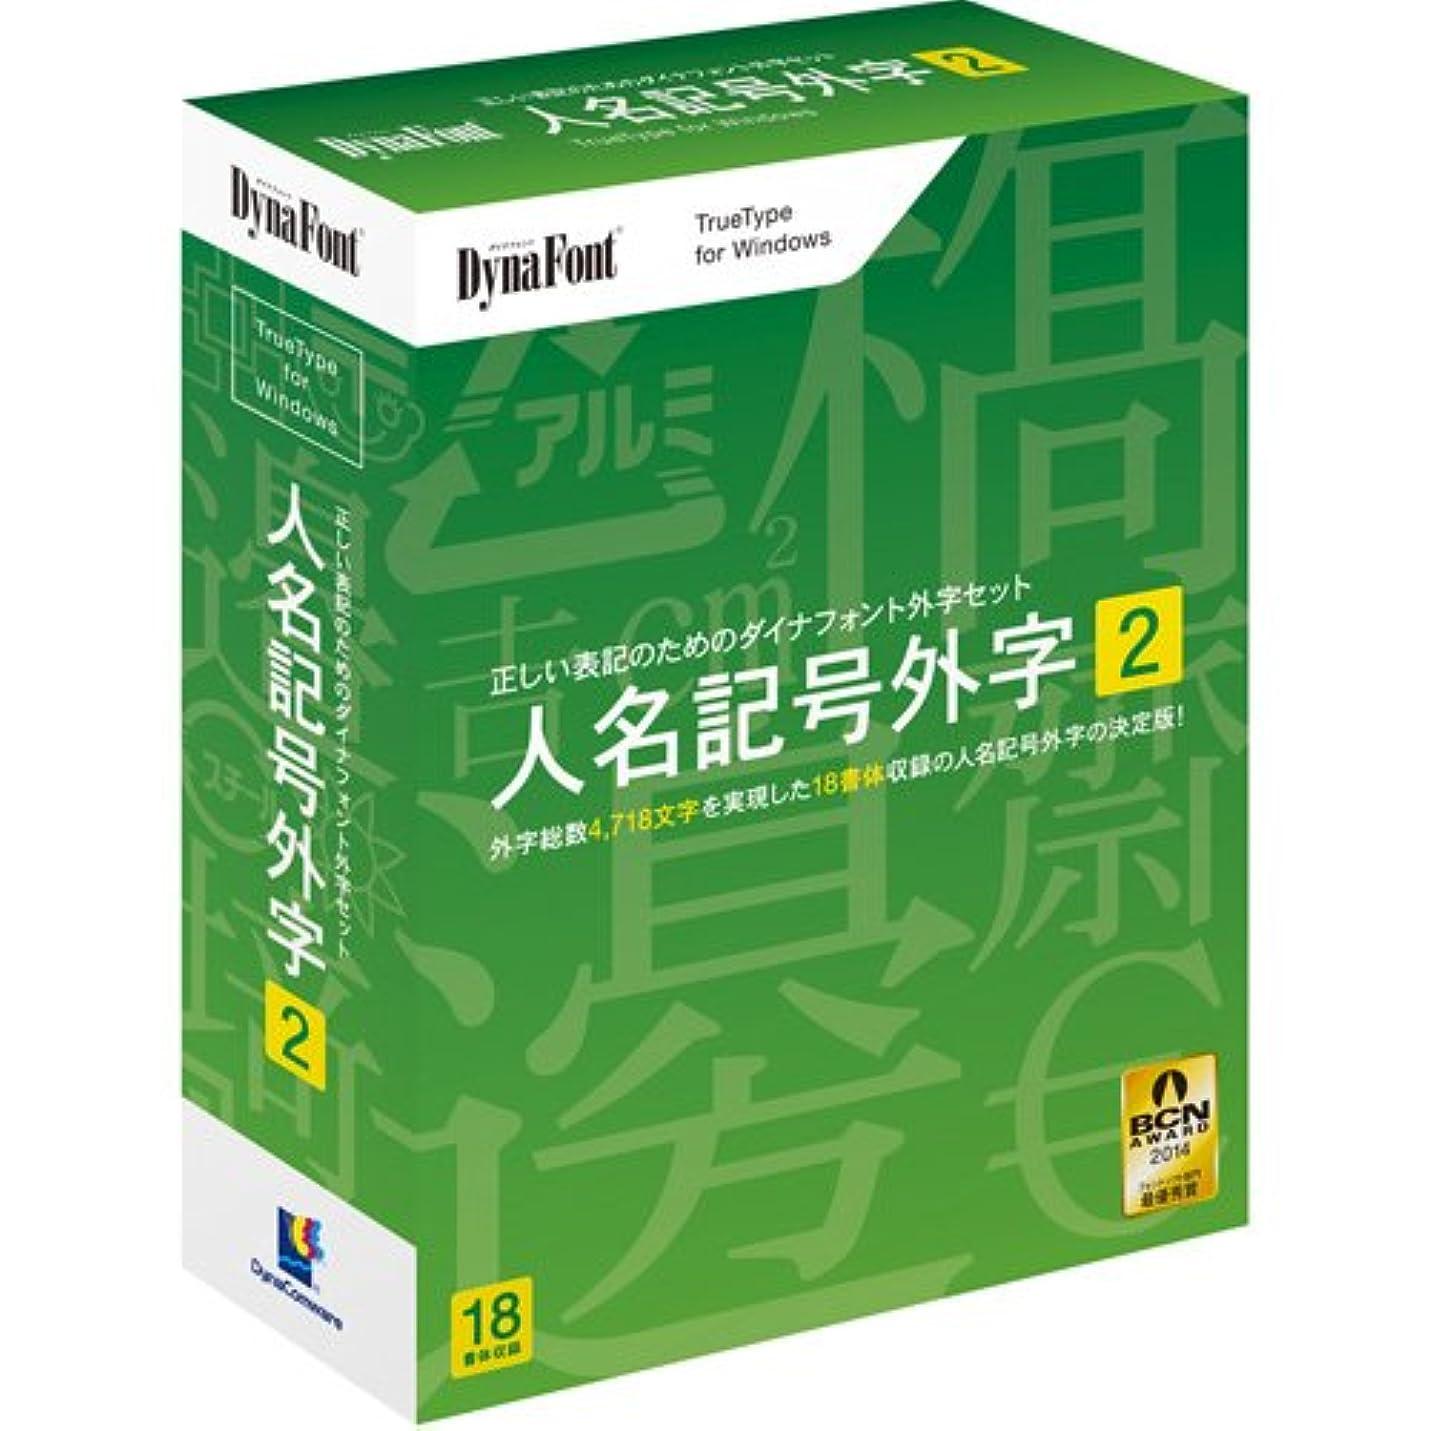 大人テーブルを設定する着実にダイナコムウェア DynaFont 人名記号外字2 TrueType for Win